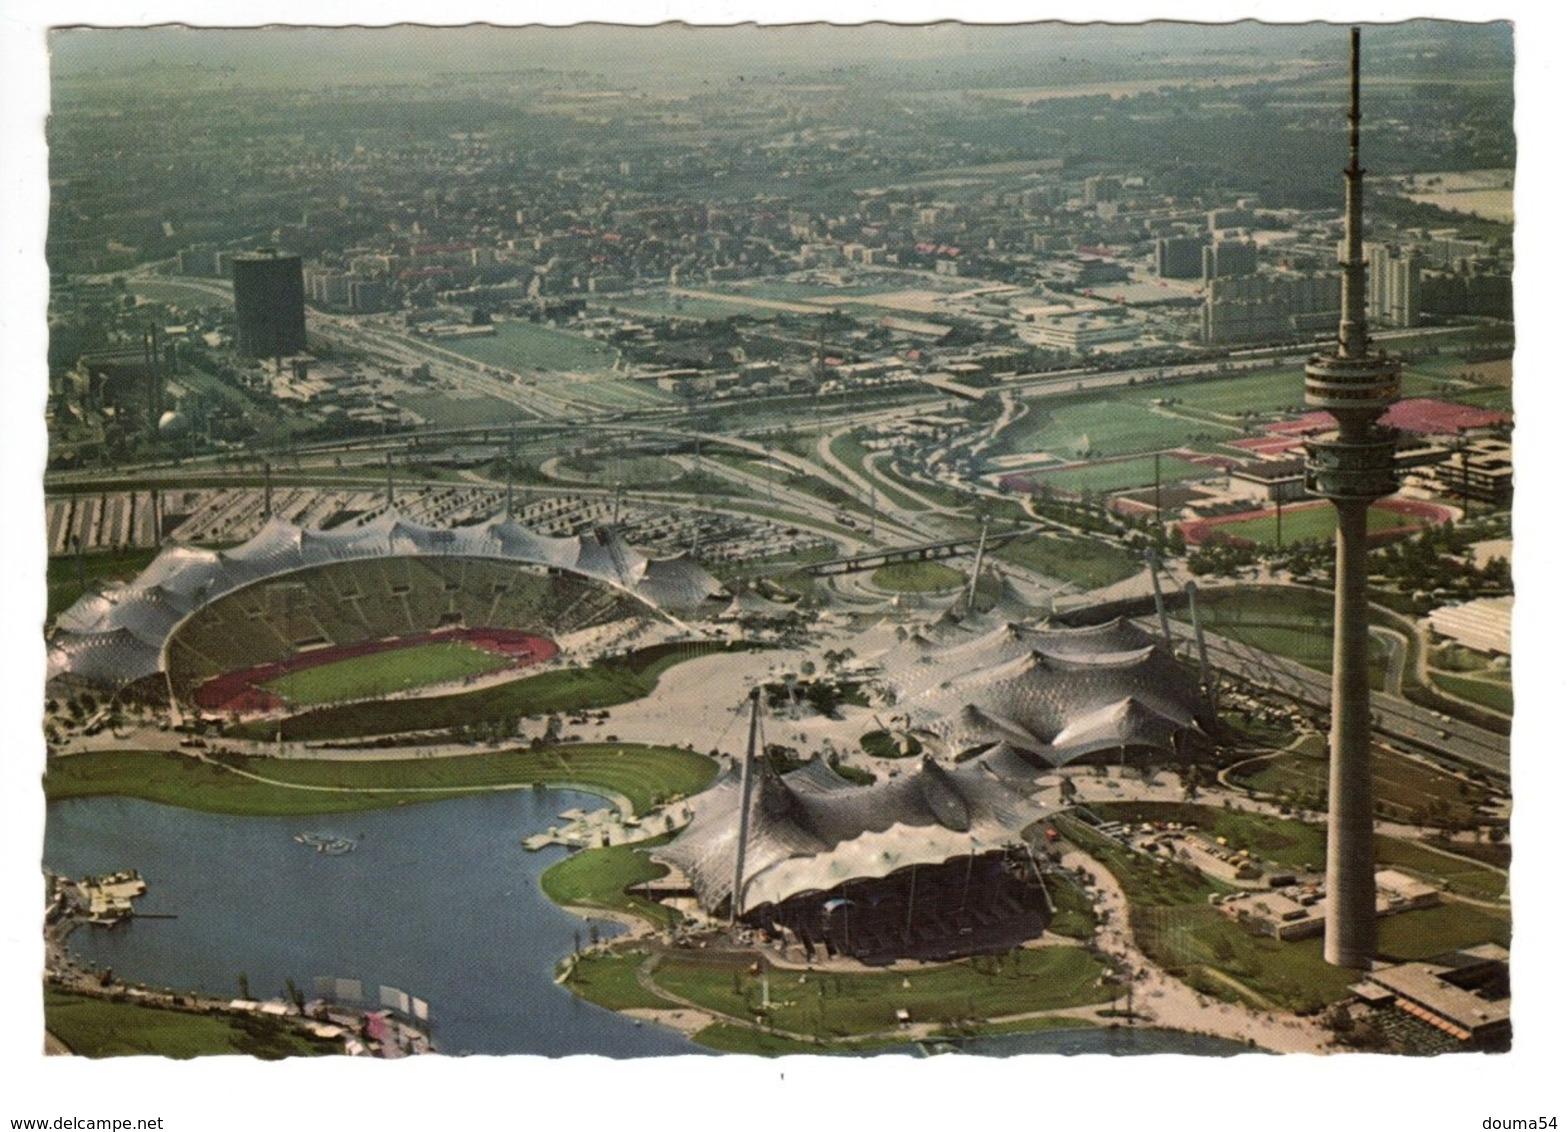 München Olympiapark - Munich Park Olympique - Olympische Spiele